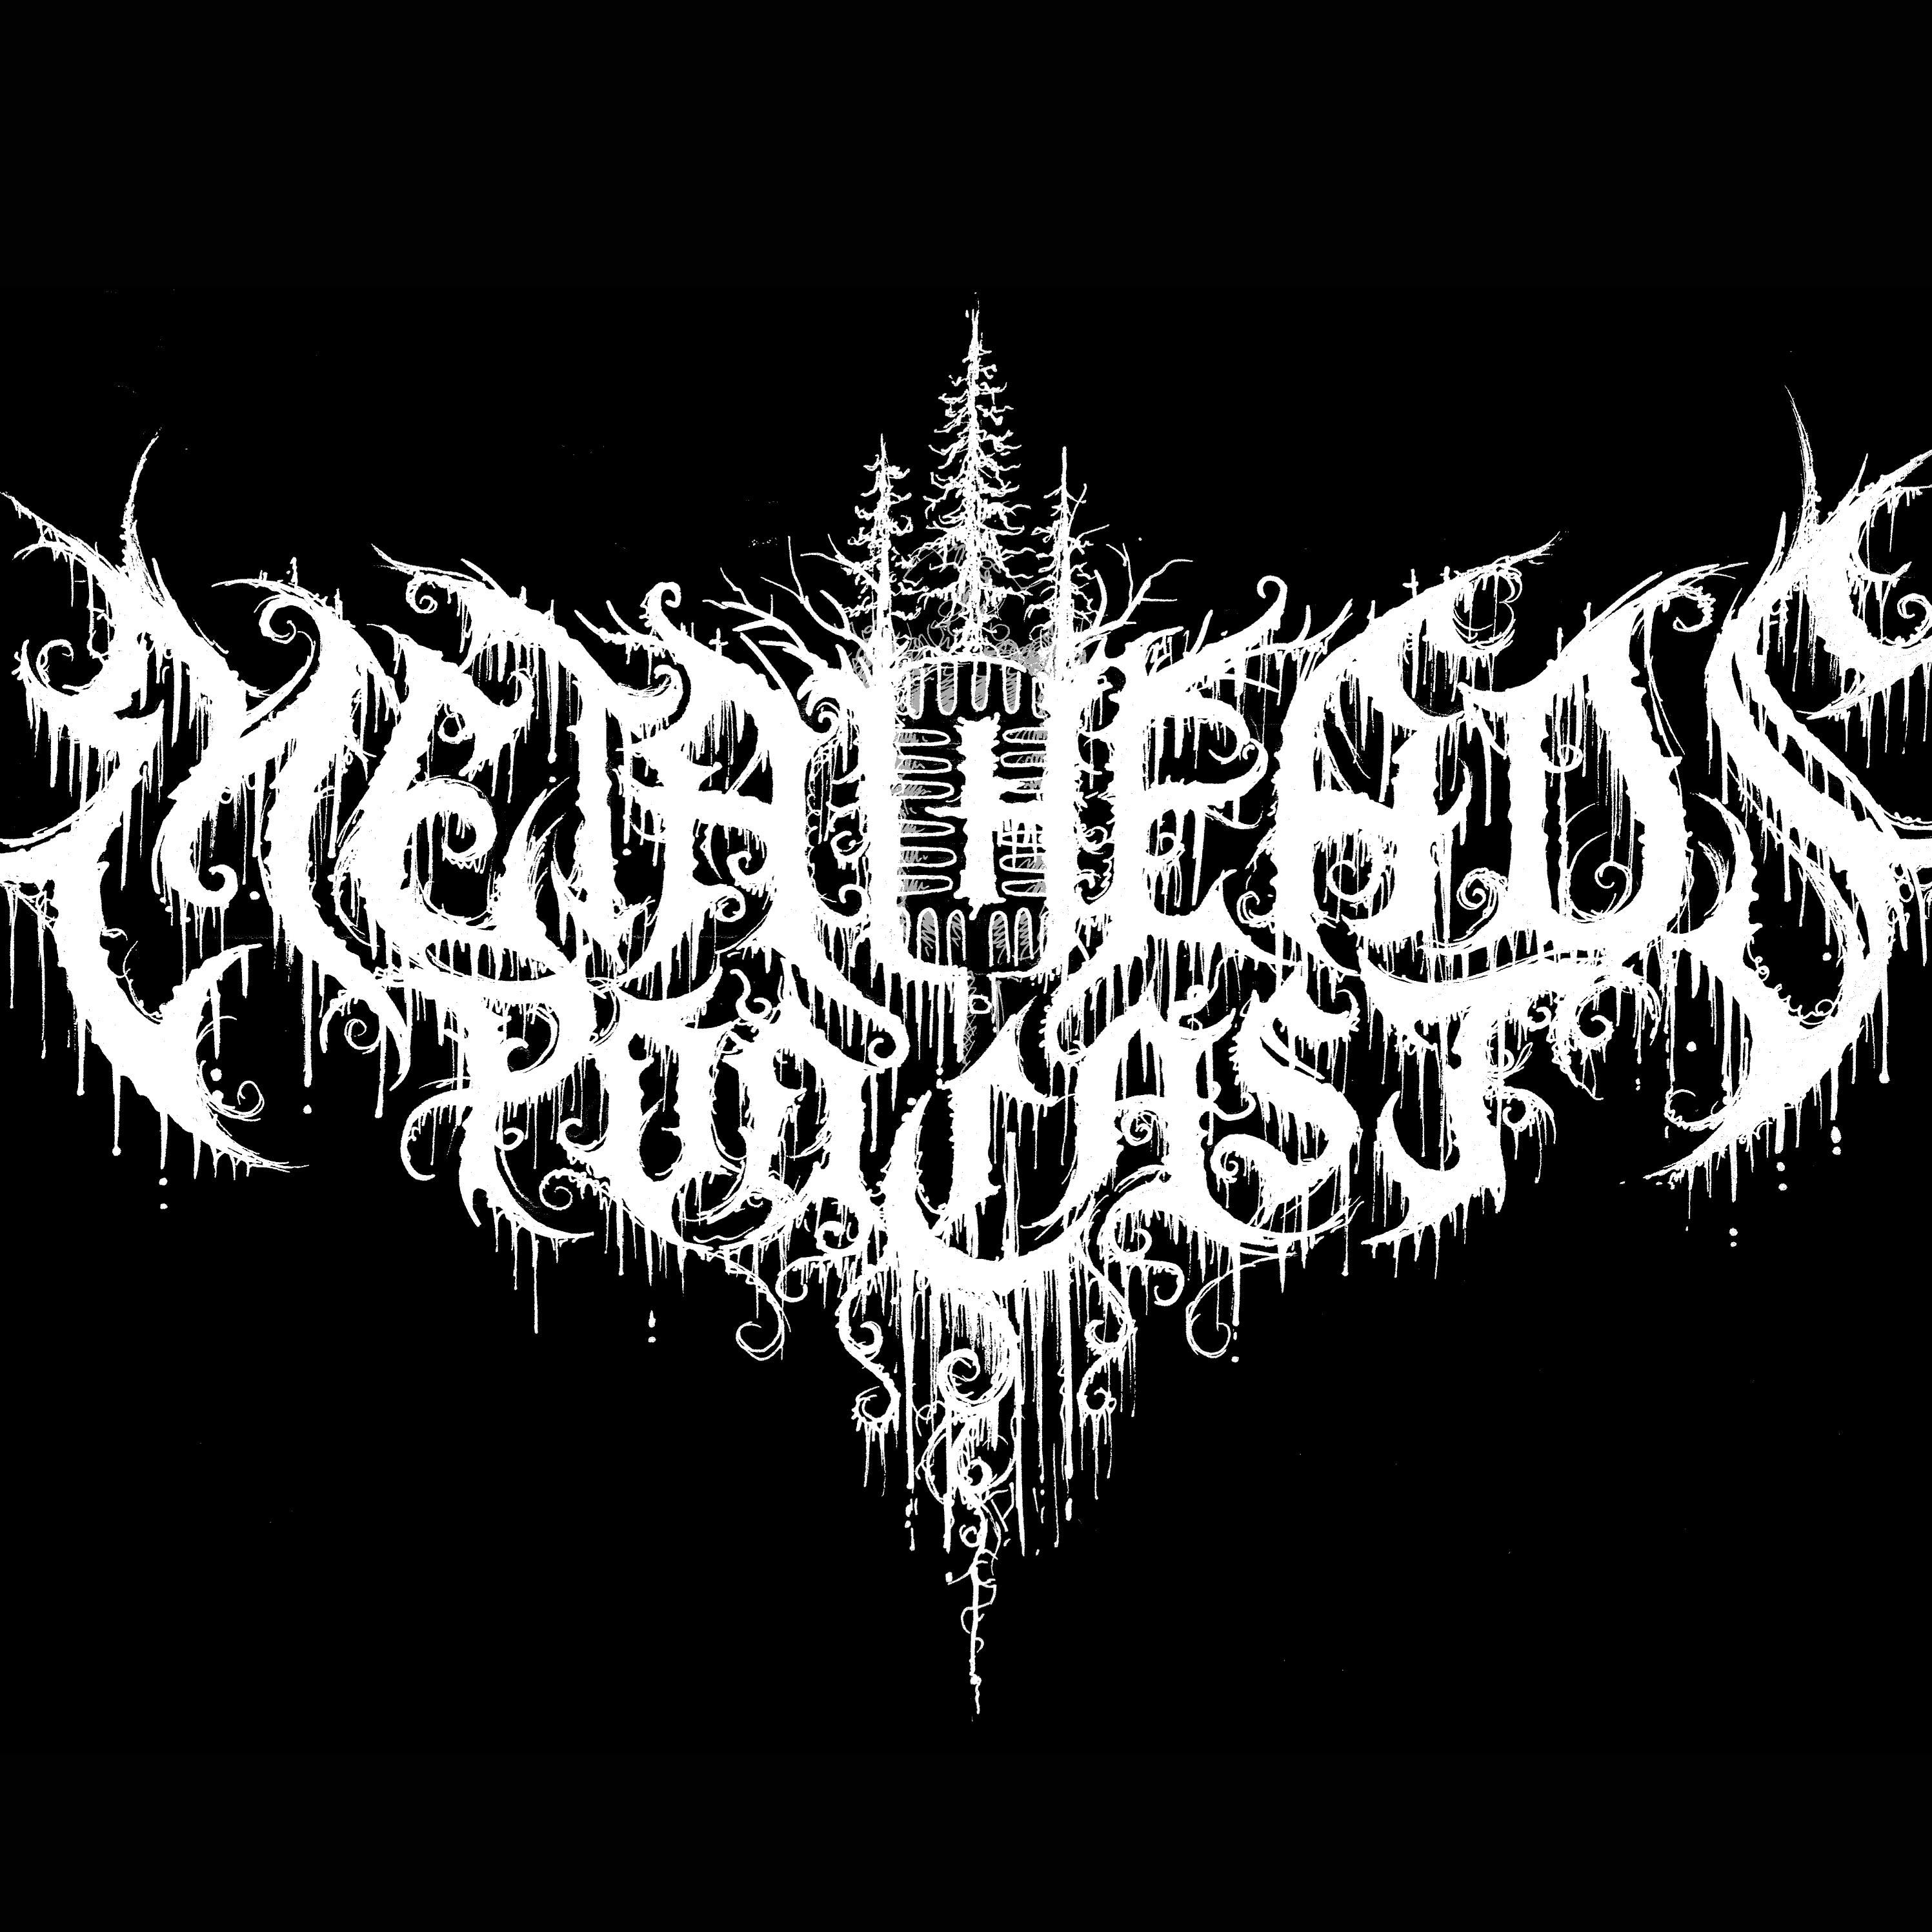 METALHEADS Podcast Episode #73: featuring Chuck Loesch